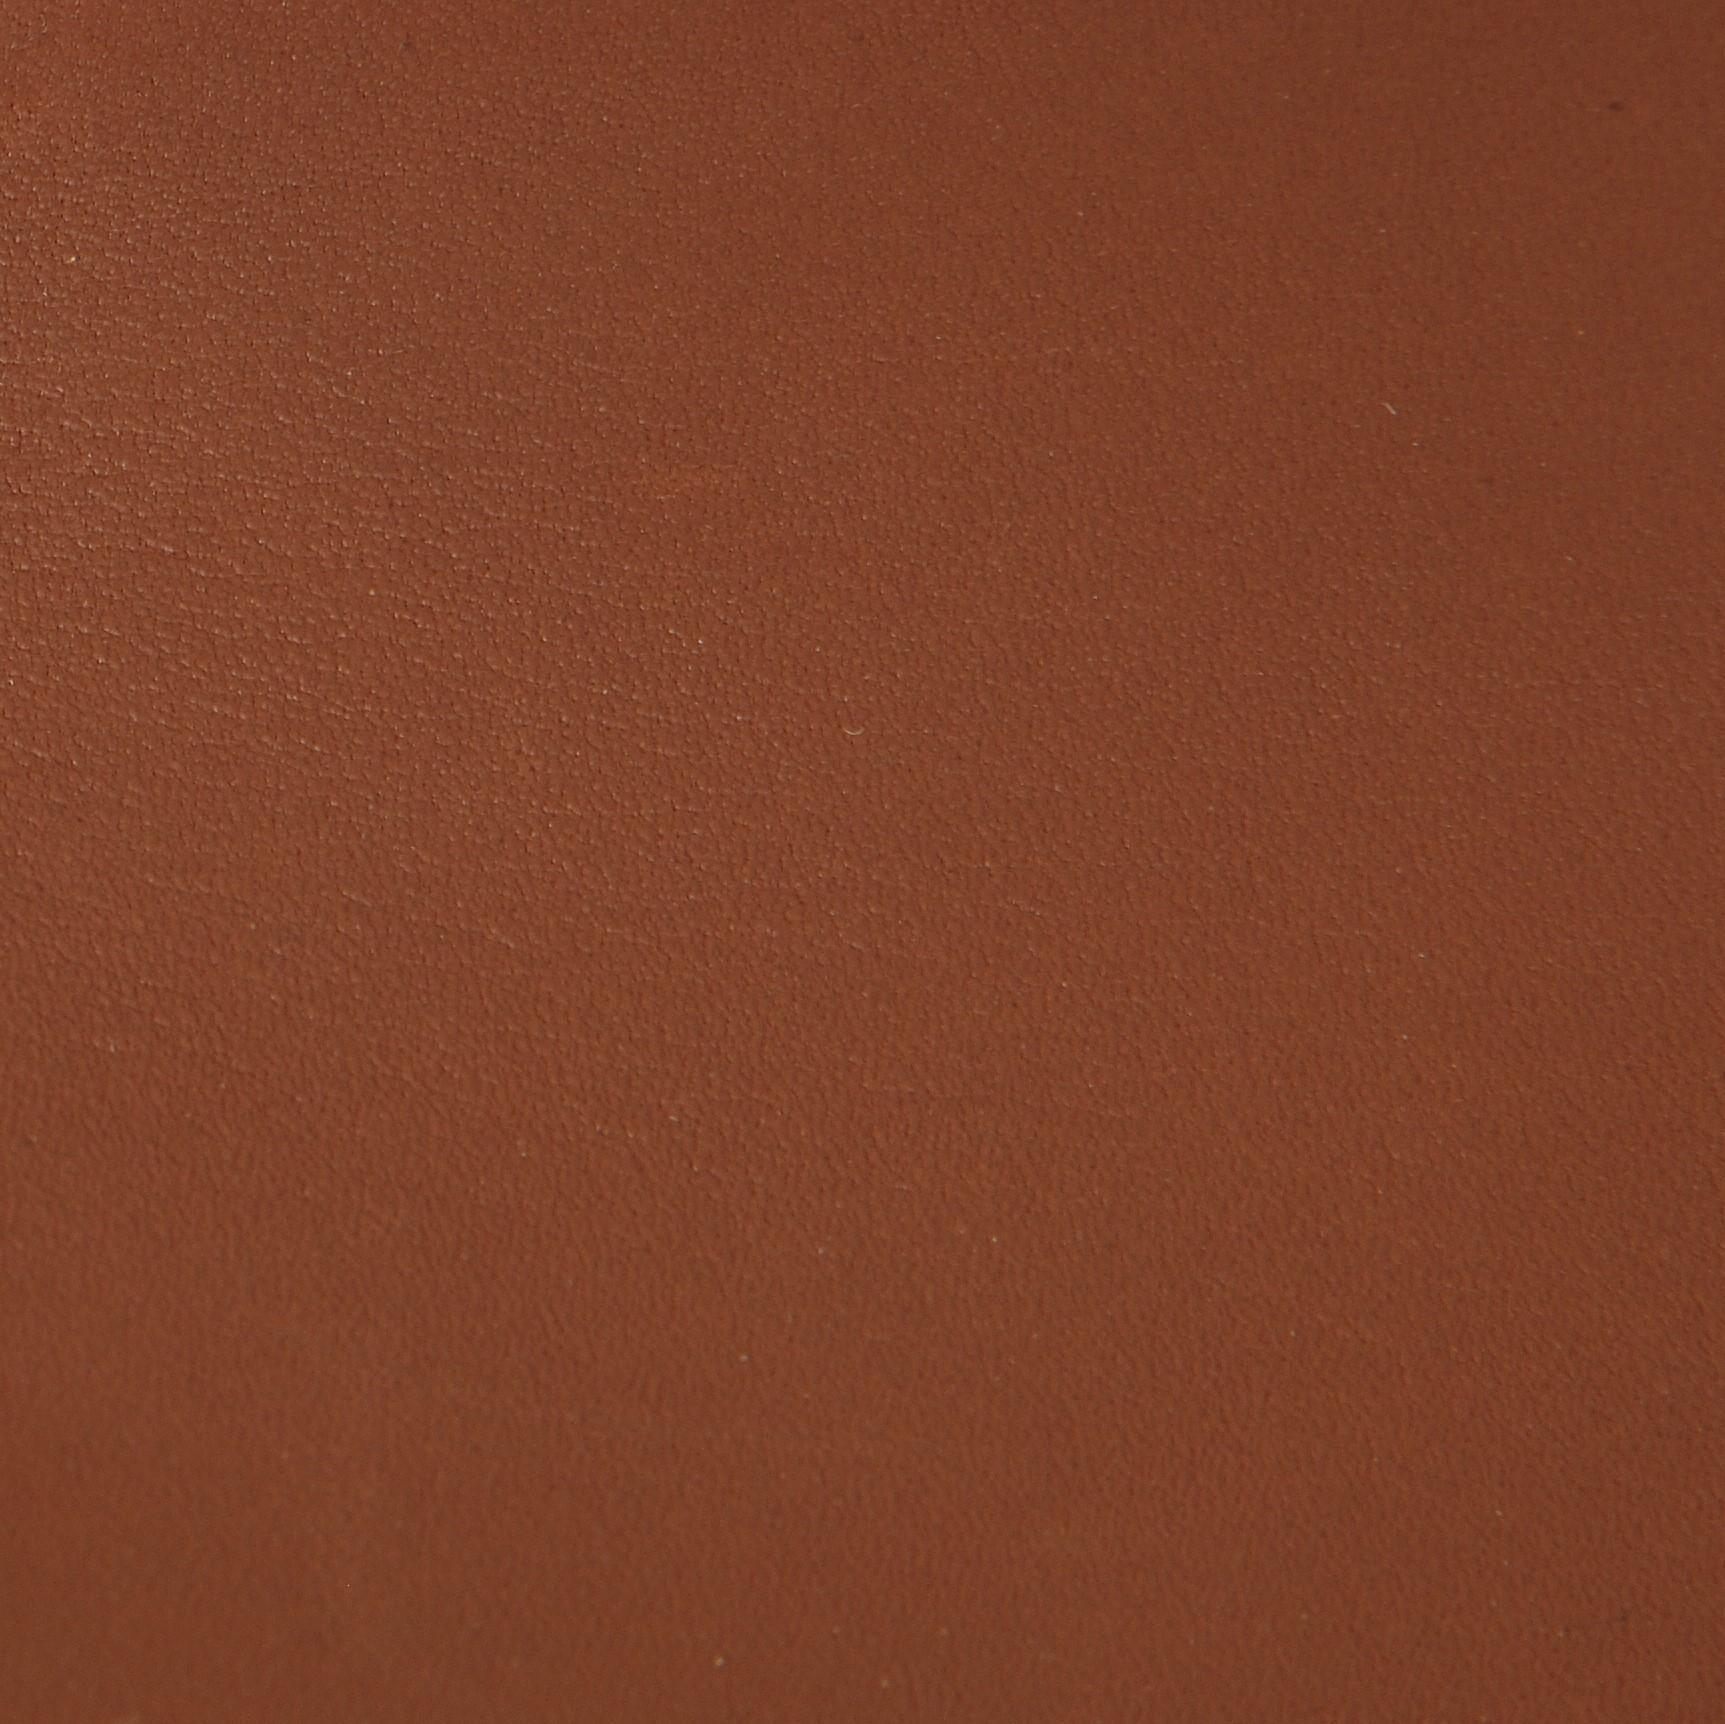 Leder Cognacfarben